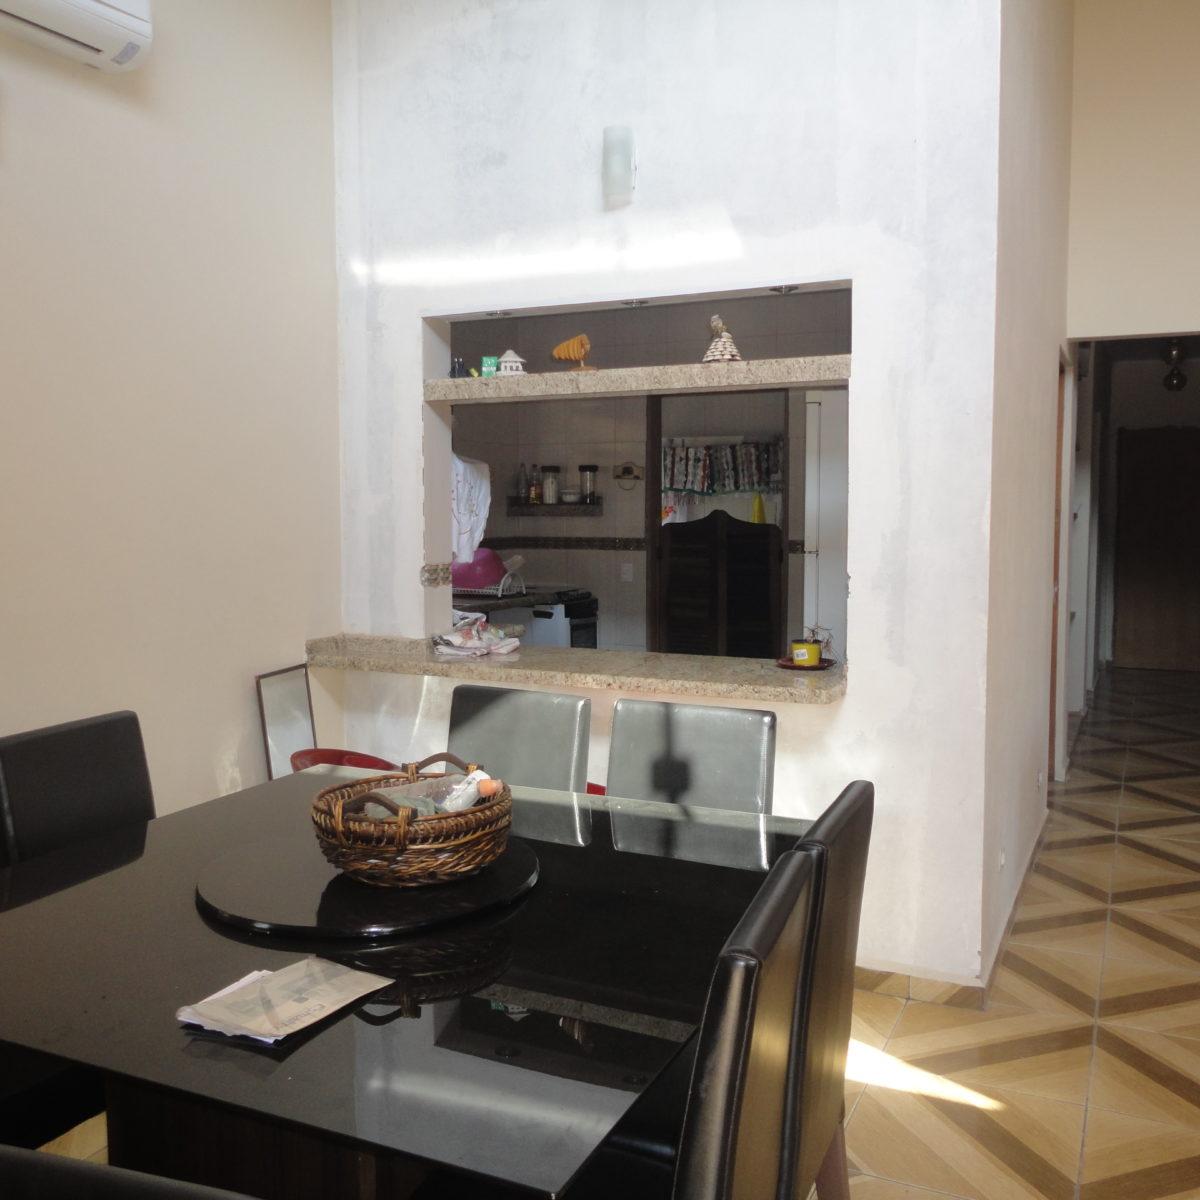 Ref.: R$350.000,00 Casa térrea 3 dorm (81264) Vendida